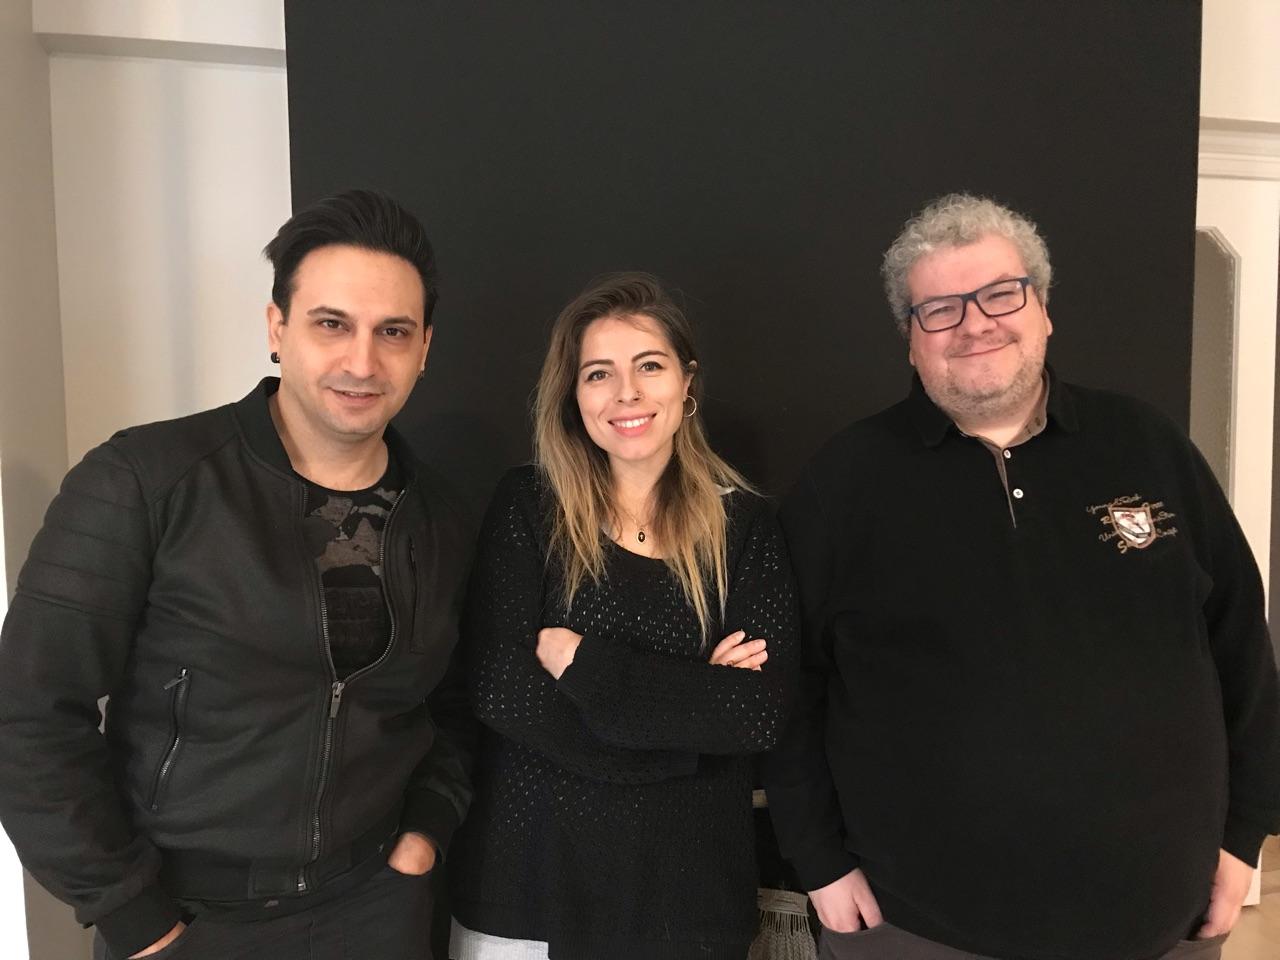 Türk Oyun Sektörü Röportajları - Gaming in Turkey - Damla Pekgöz